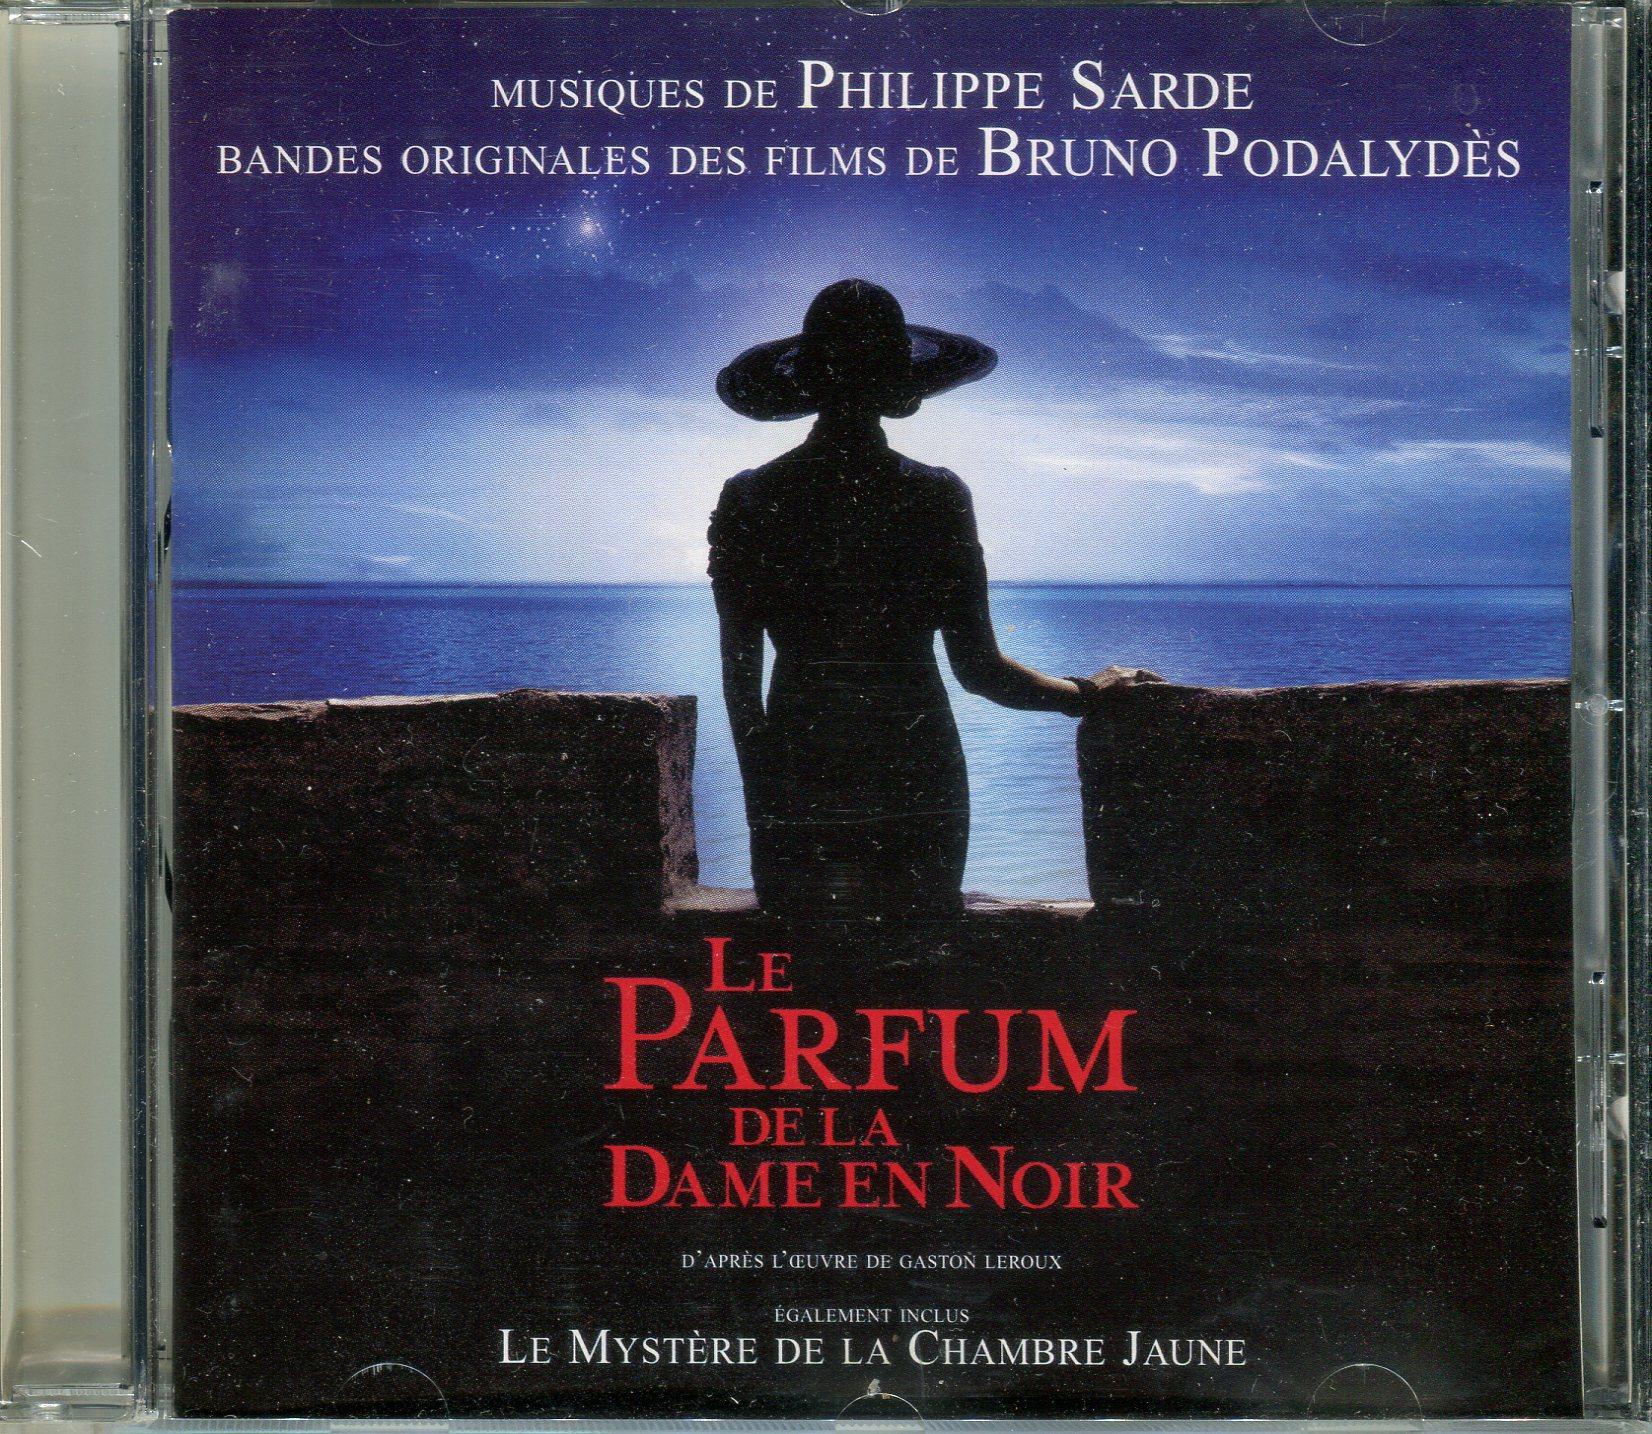 LE PARFUM DE LA DAME EN NOIR/LE MYSTERE DE LA CHAMBRE JAUNE